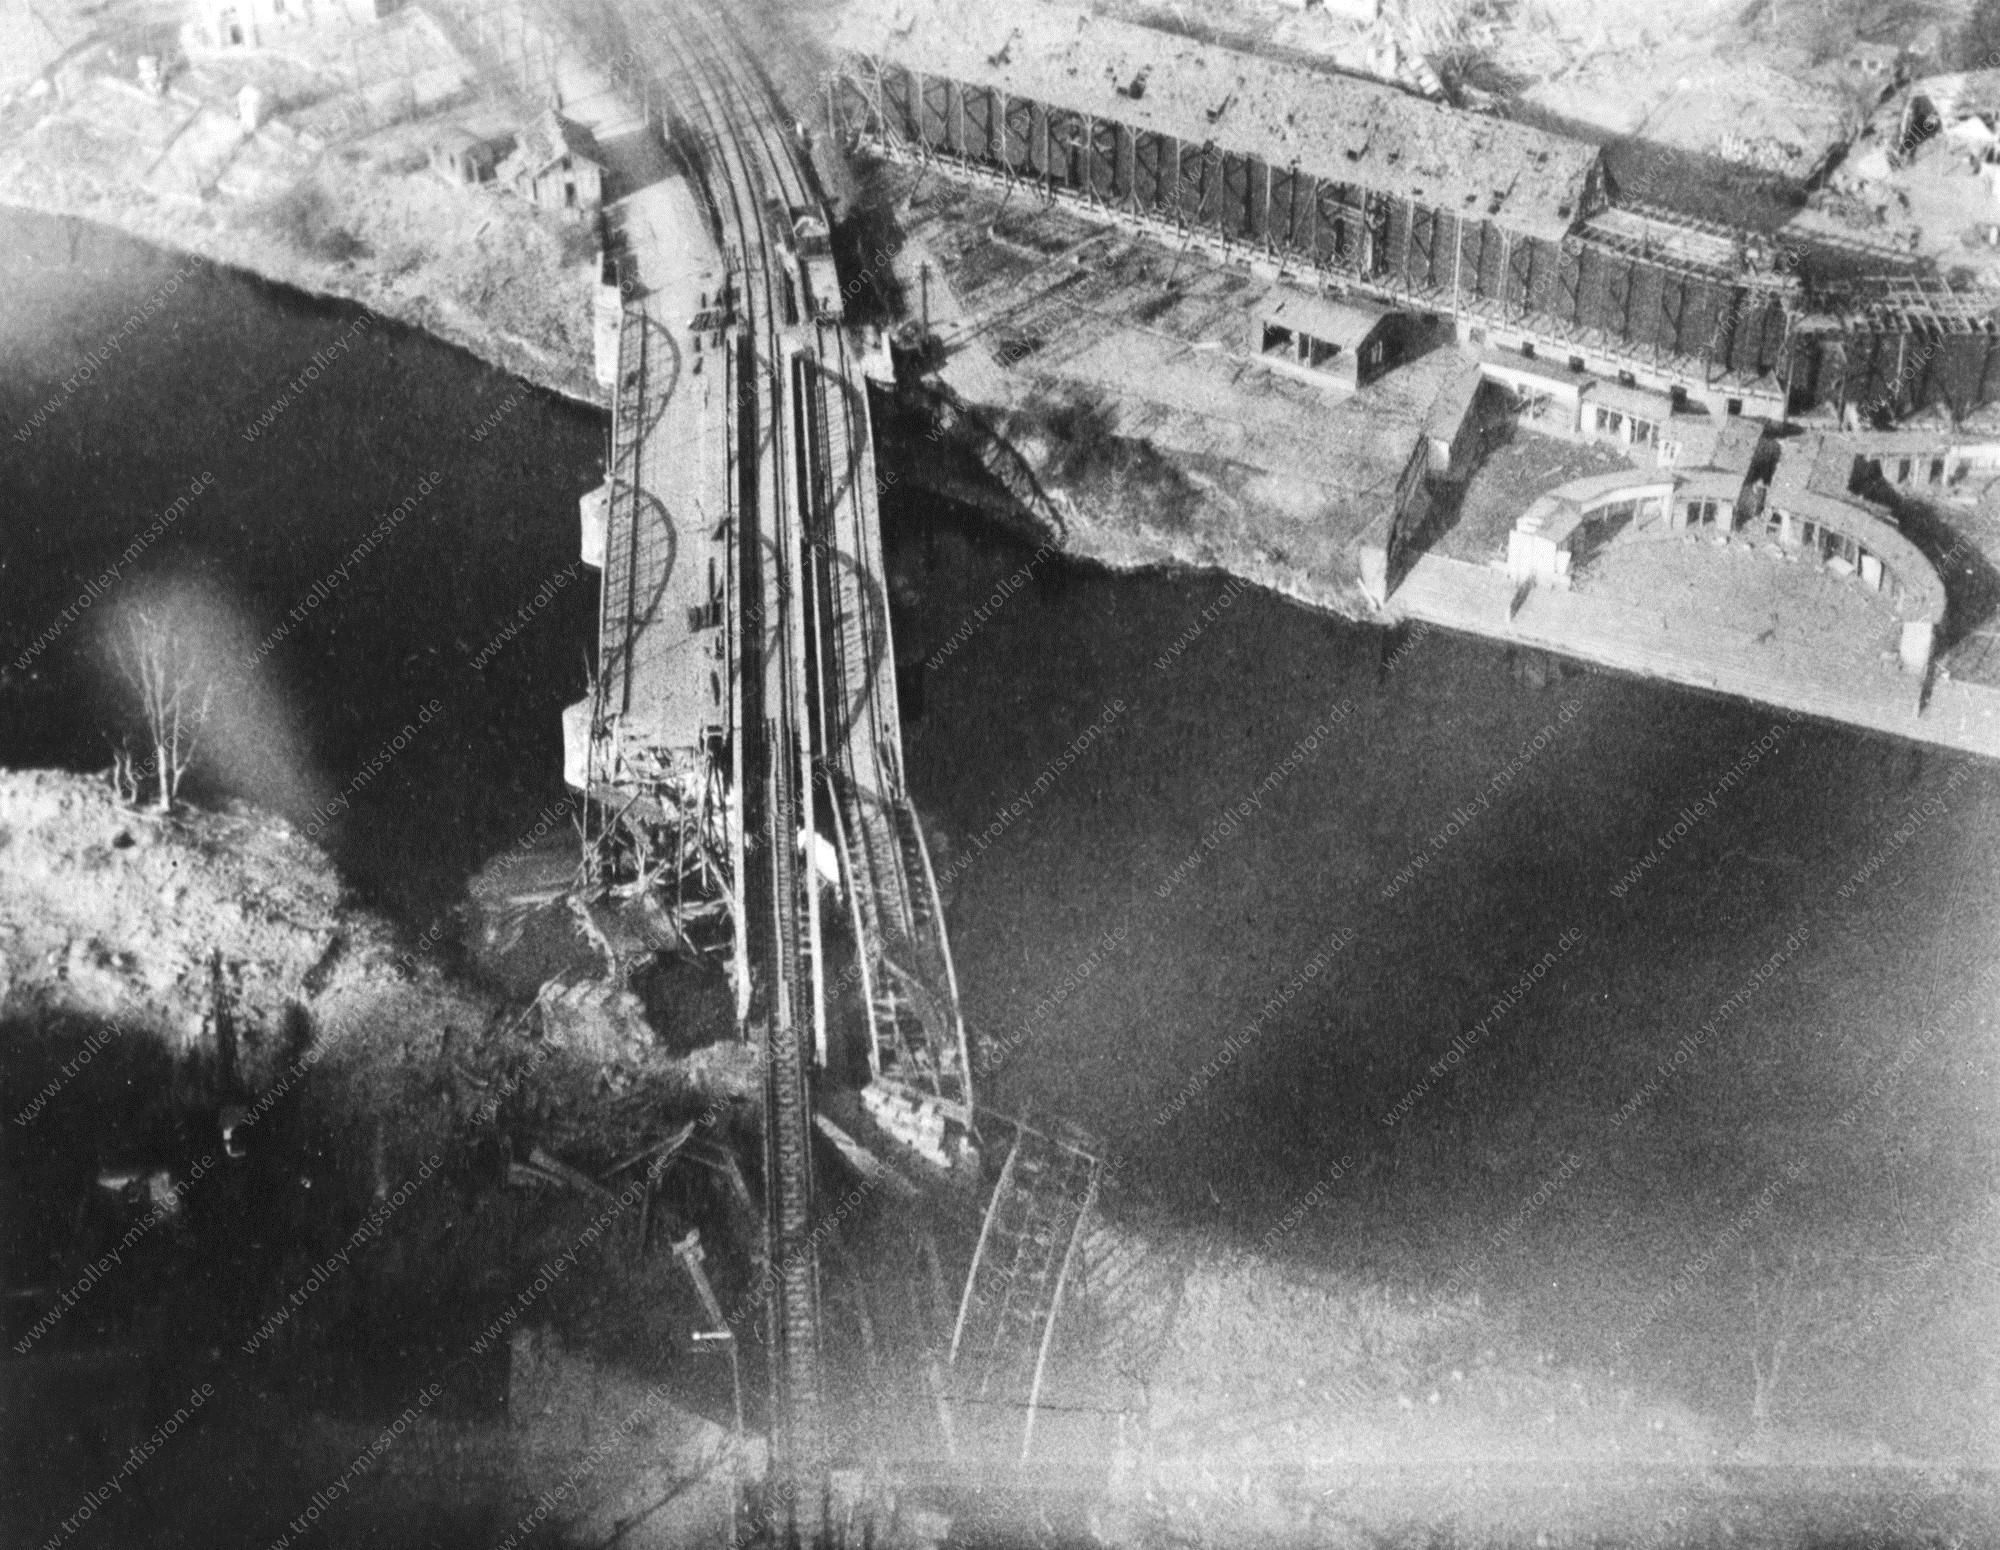 Zerstörte Eisenbahnbrücke über die Nahe in Bad Münster am Stein-Ebernburg